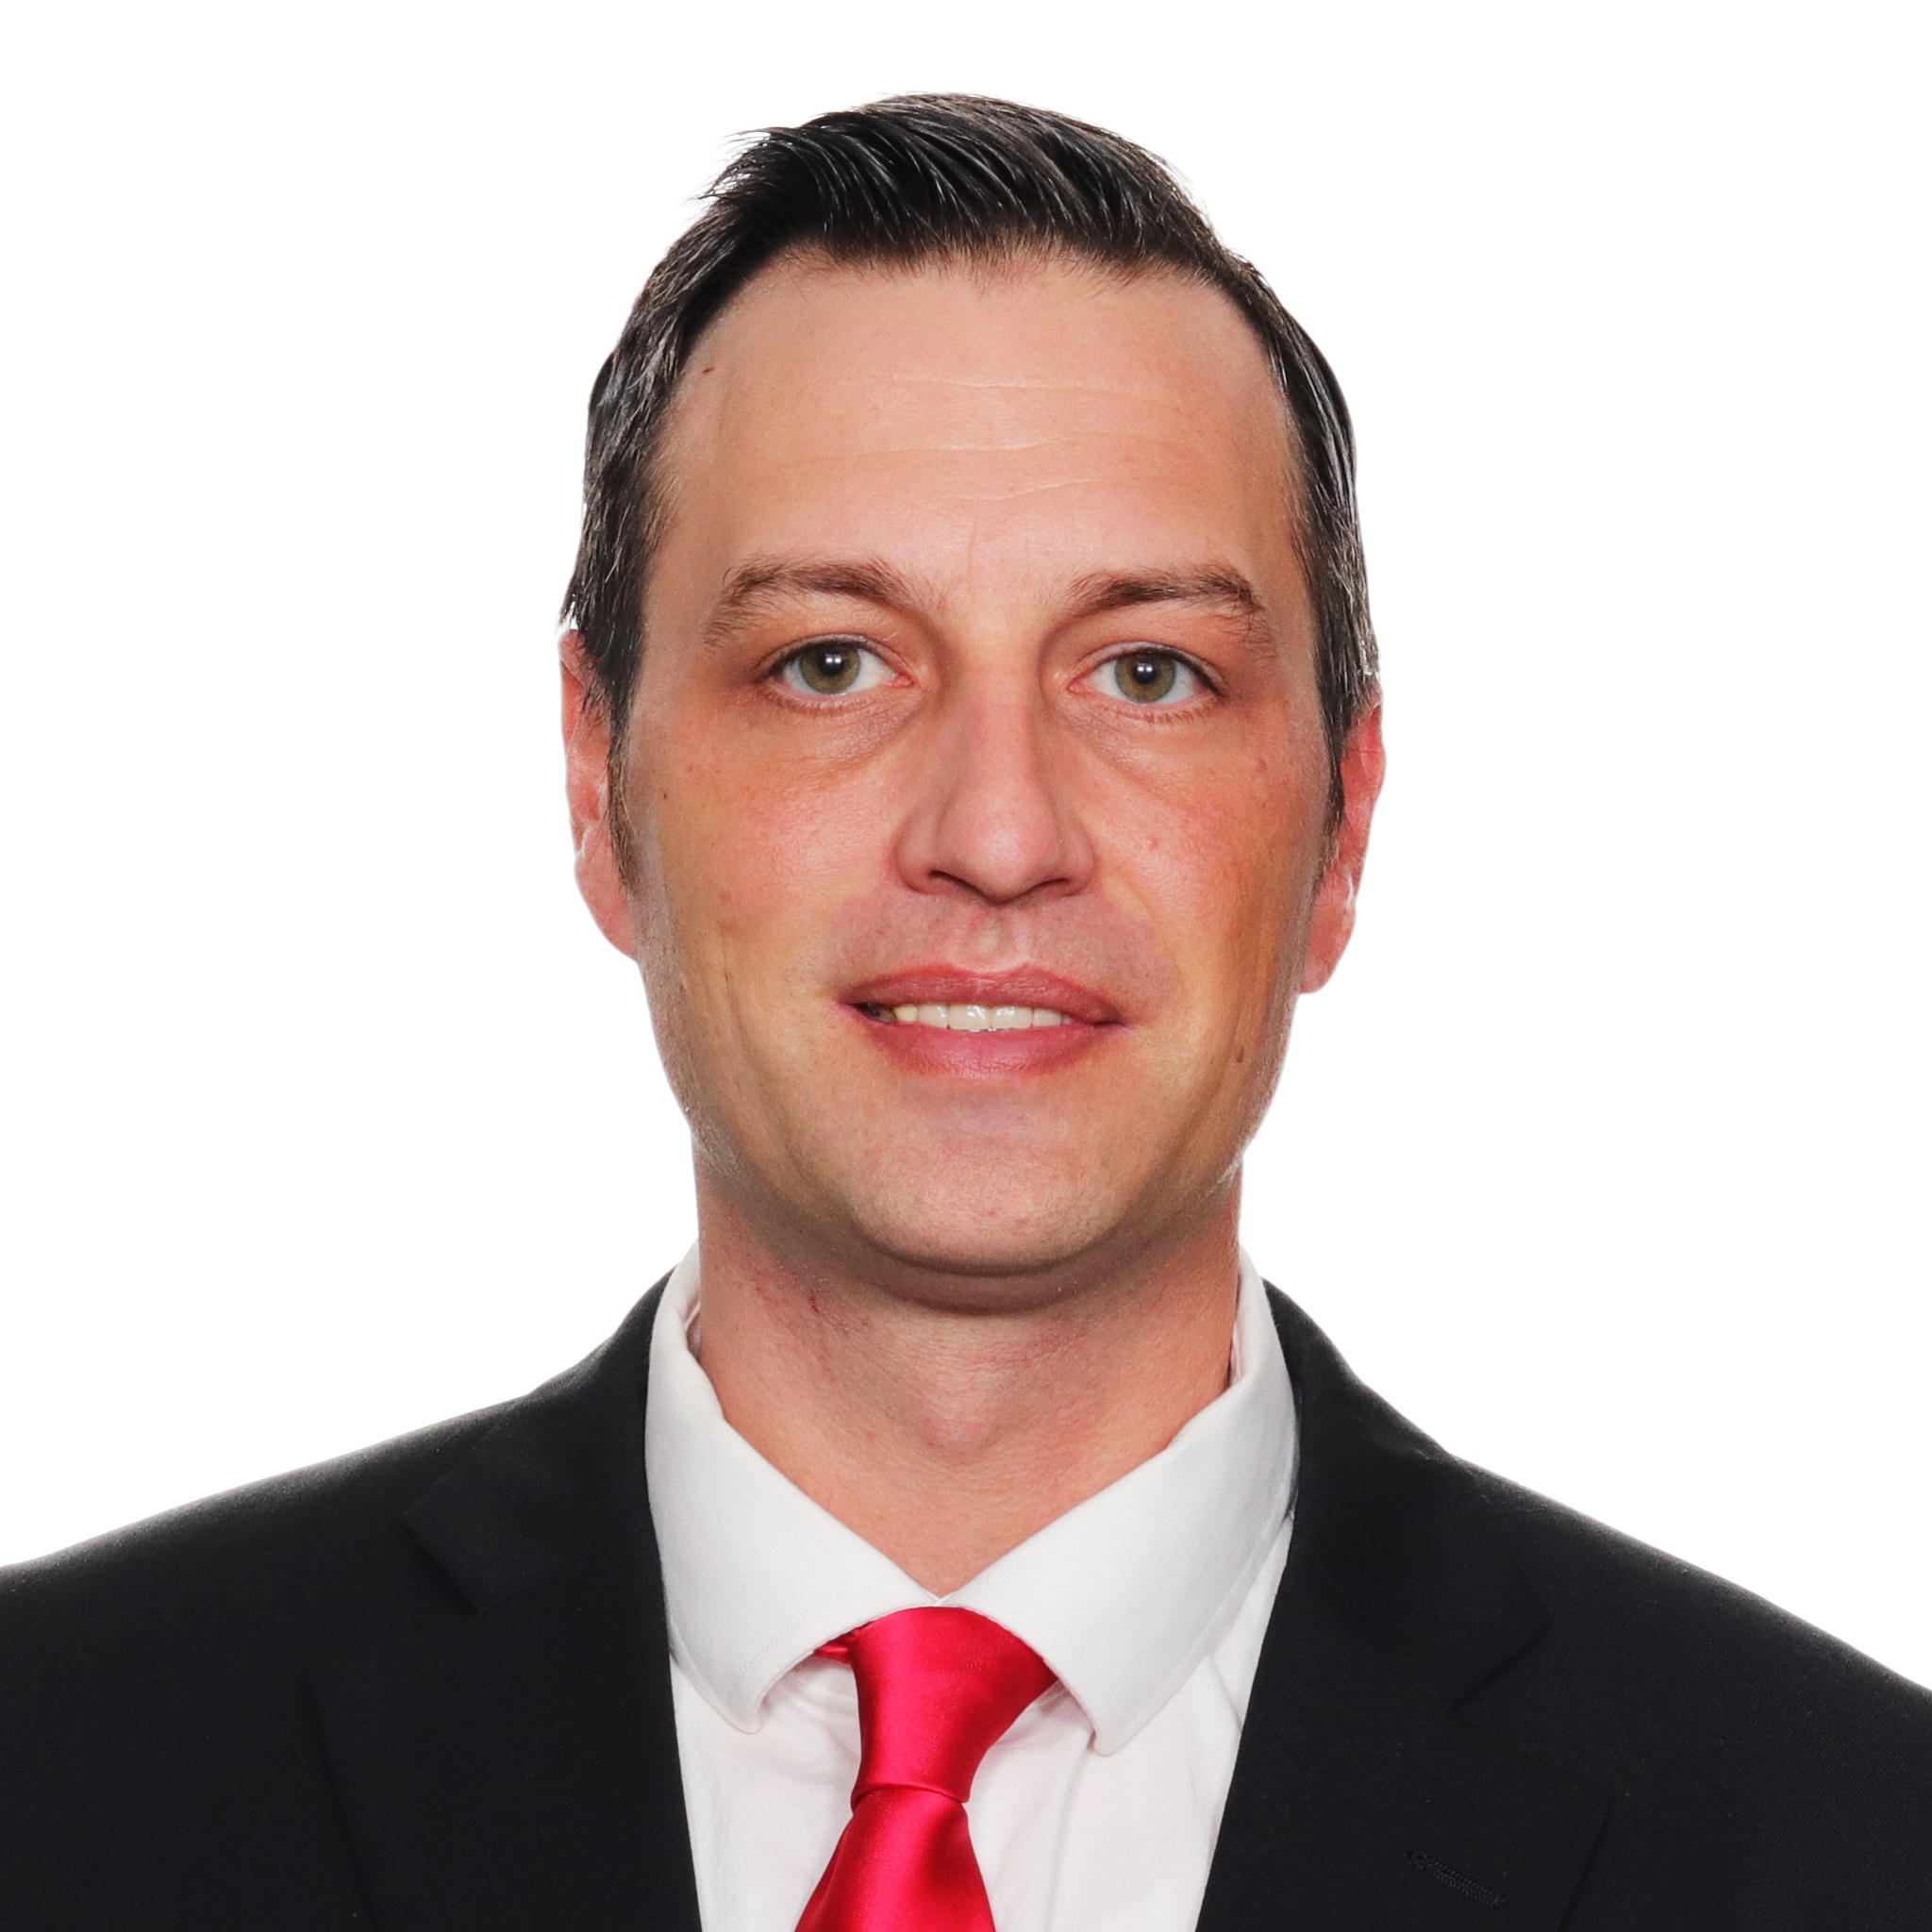 Aaron Kircher